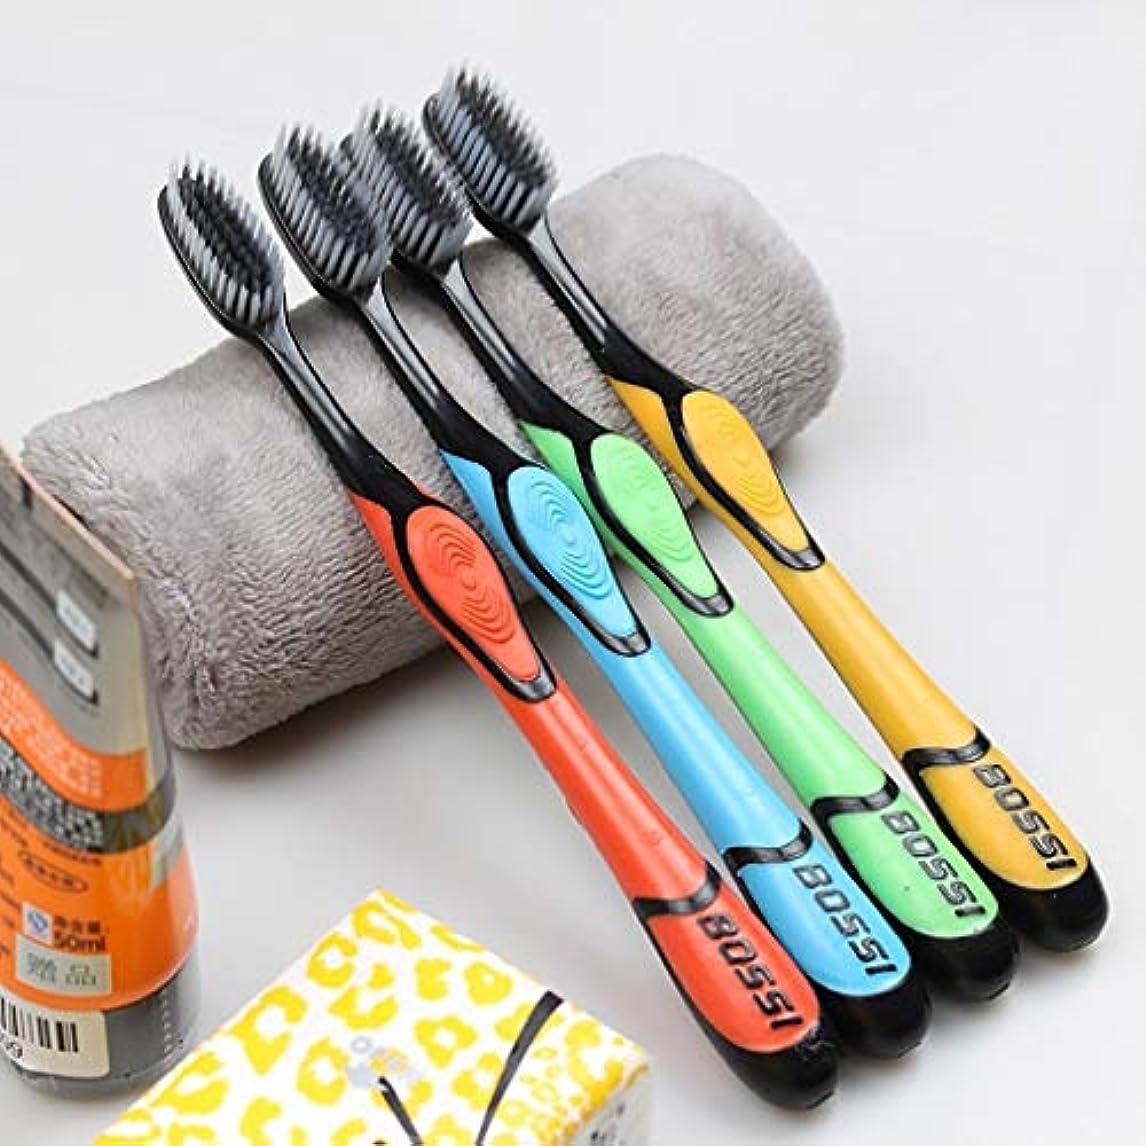 トラップアクセル生きる竹炭の歯ブラシ、滑り止めの高品質PPハンドル、10パック